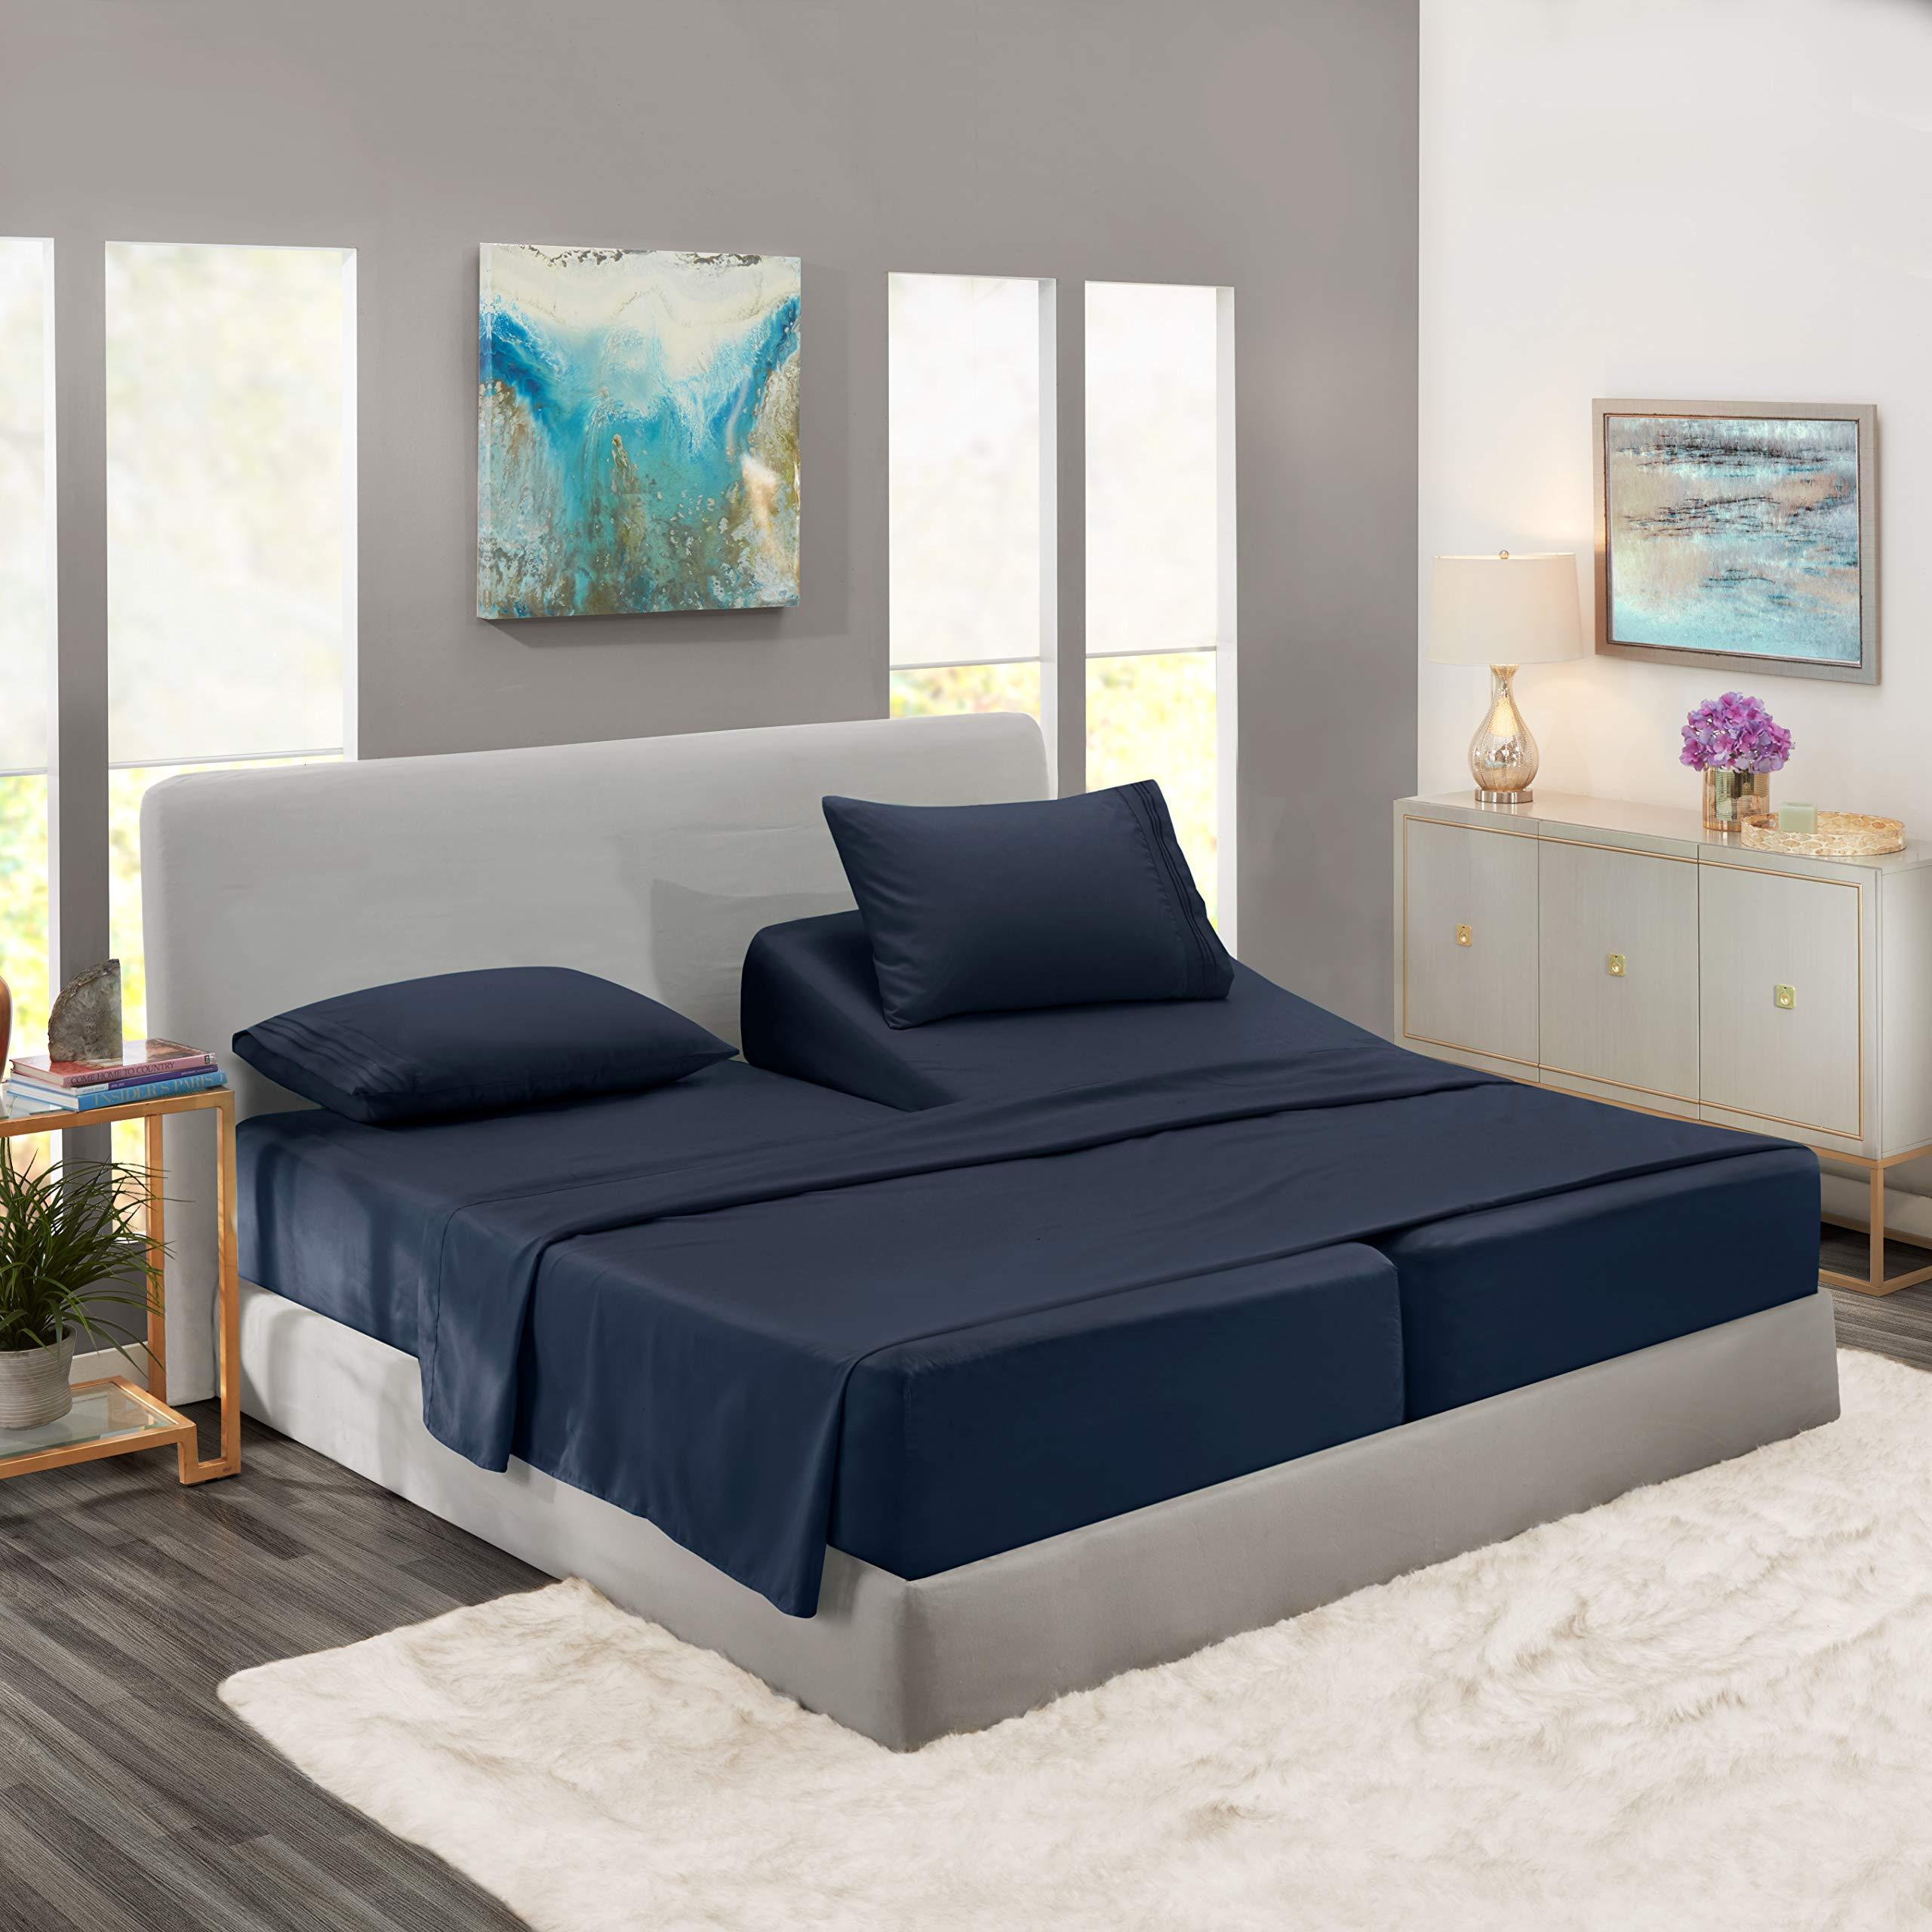 Nestl Bedding 5 Piece Sheet Set - 1800 Deep Pocket Bed Sheet Set - Hotel Luxury Double Brushed Microfiber Sheets - Deep Pocket Fitted Sheet, Flat Sheet, Pillow Cases, Split Cal King - Navy Blue